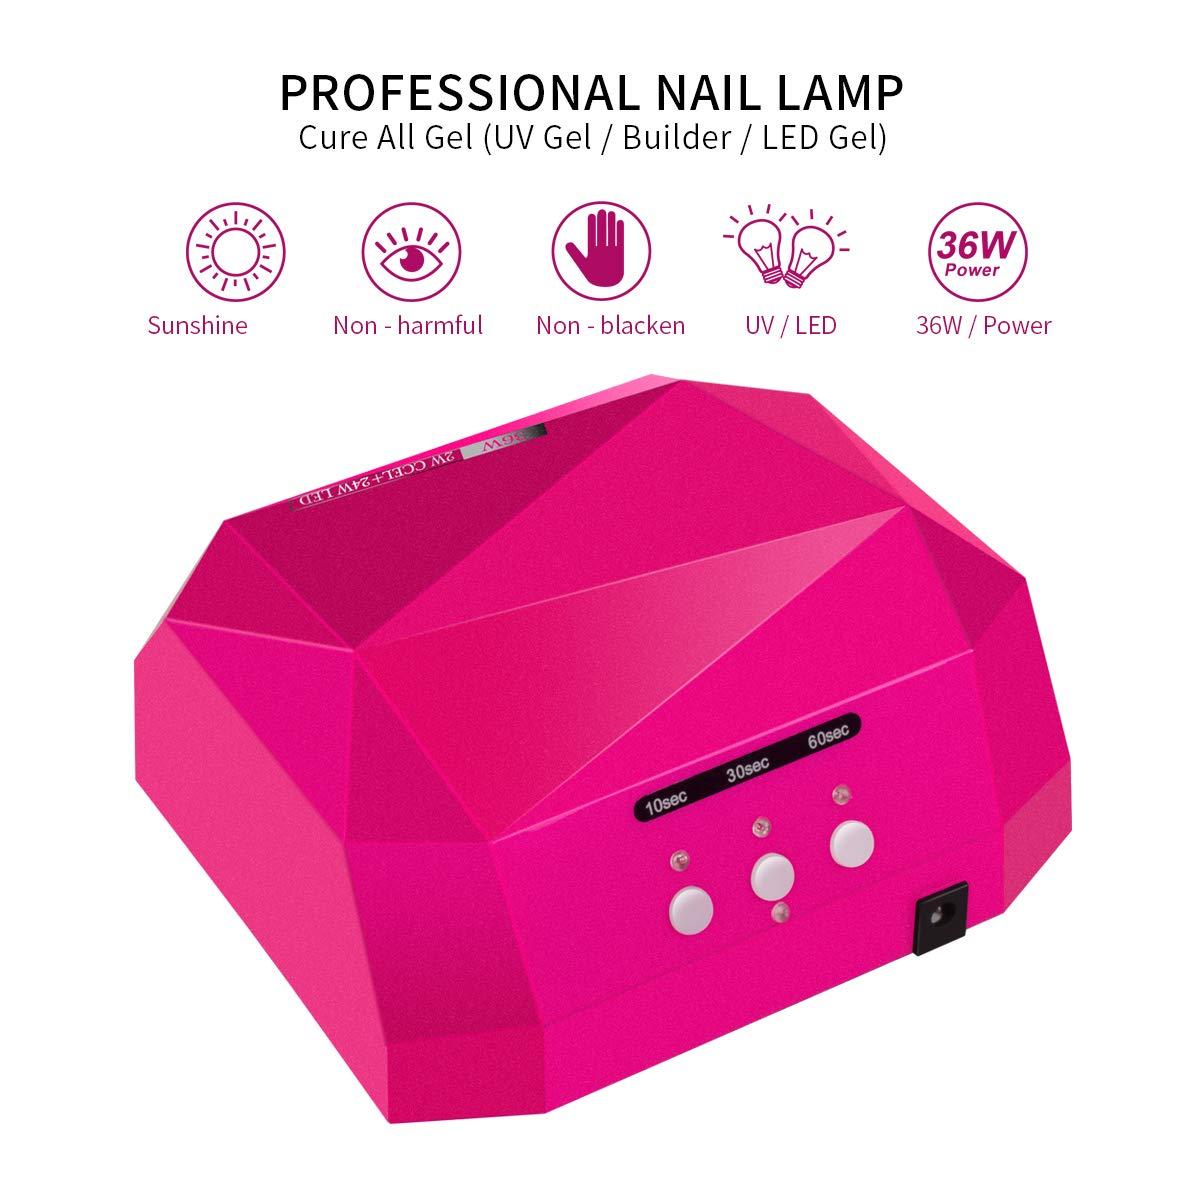 Lampe à ongles professionnel 36W, Lampe UV ongles gel CCFL LED avec détecteur et minuterie - Morpilot Sèche ongles en forme diamant, Kit de Manucure Pédicure +Trousse de manucure + Lime à ongles